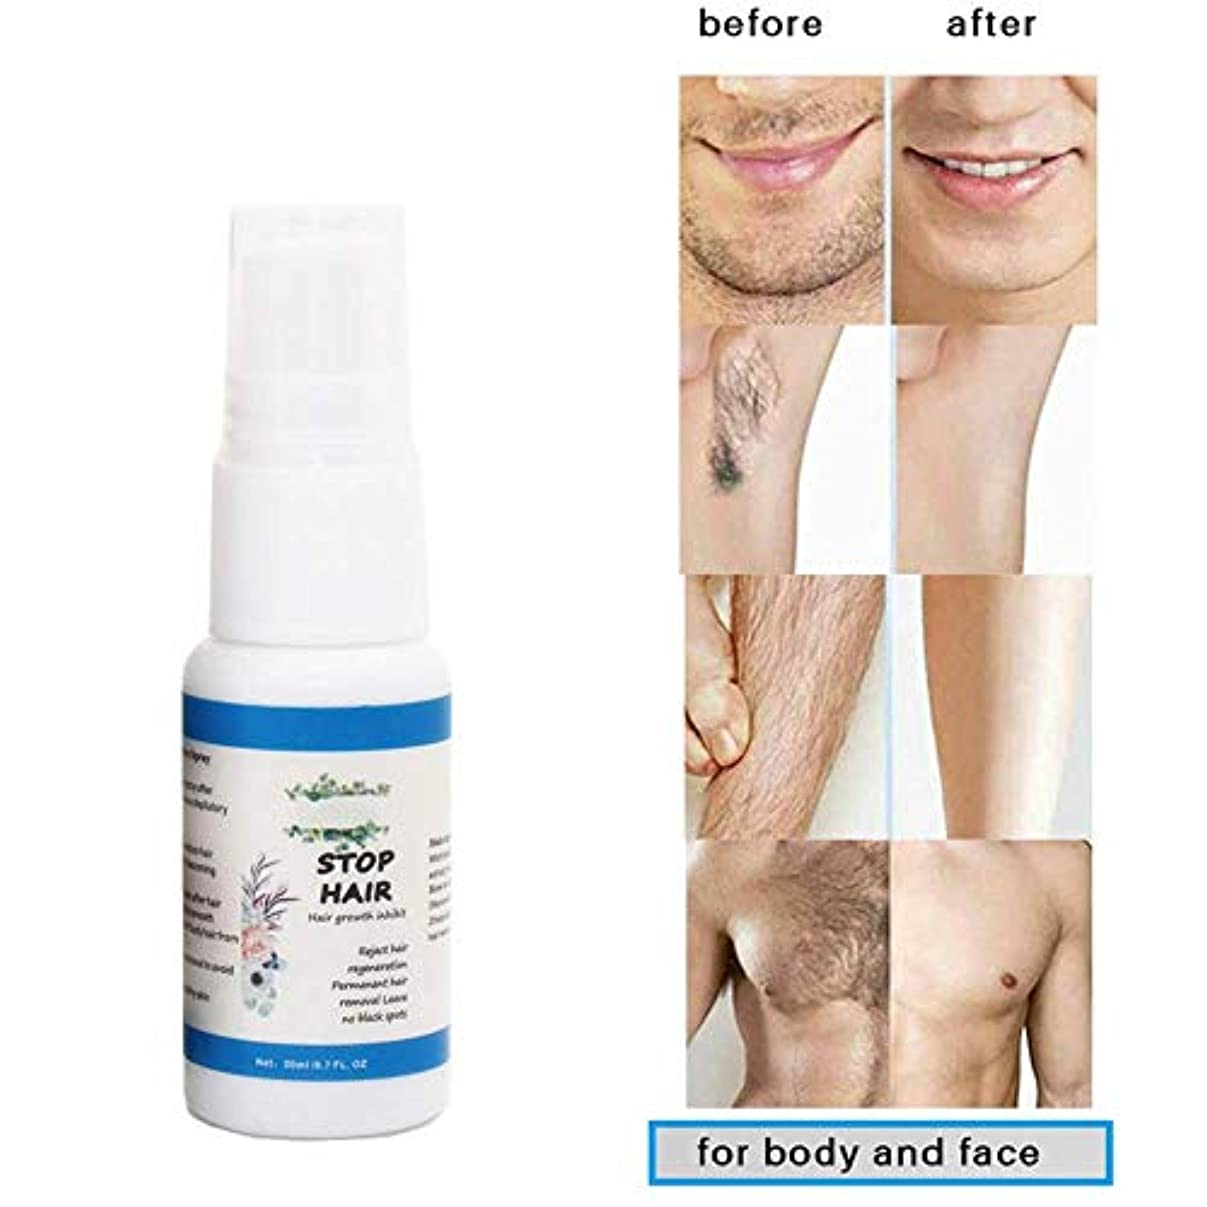 サーマル弾力性のあるスイ脱毛スプレー阻害剤発毛血清発毛除去を防ぎます修理脱毛剤製品ナチュラル非刺激栄養毛穴シュリンク20ml